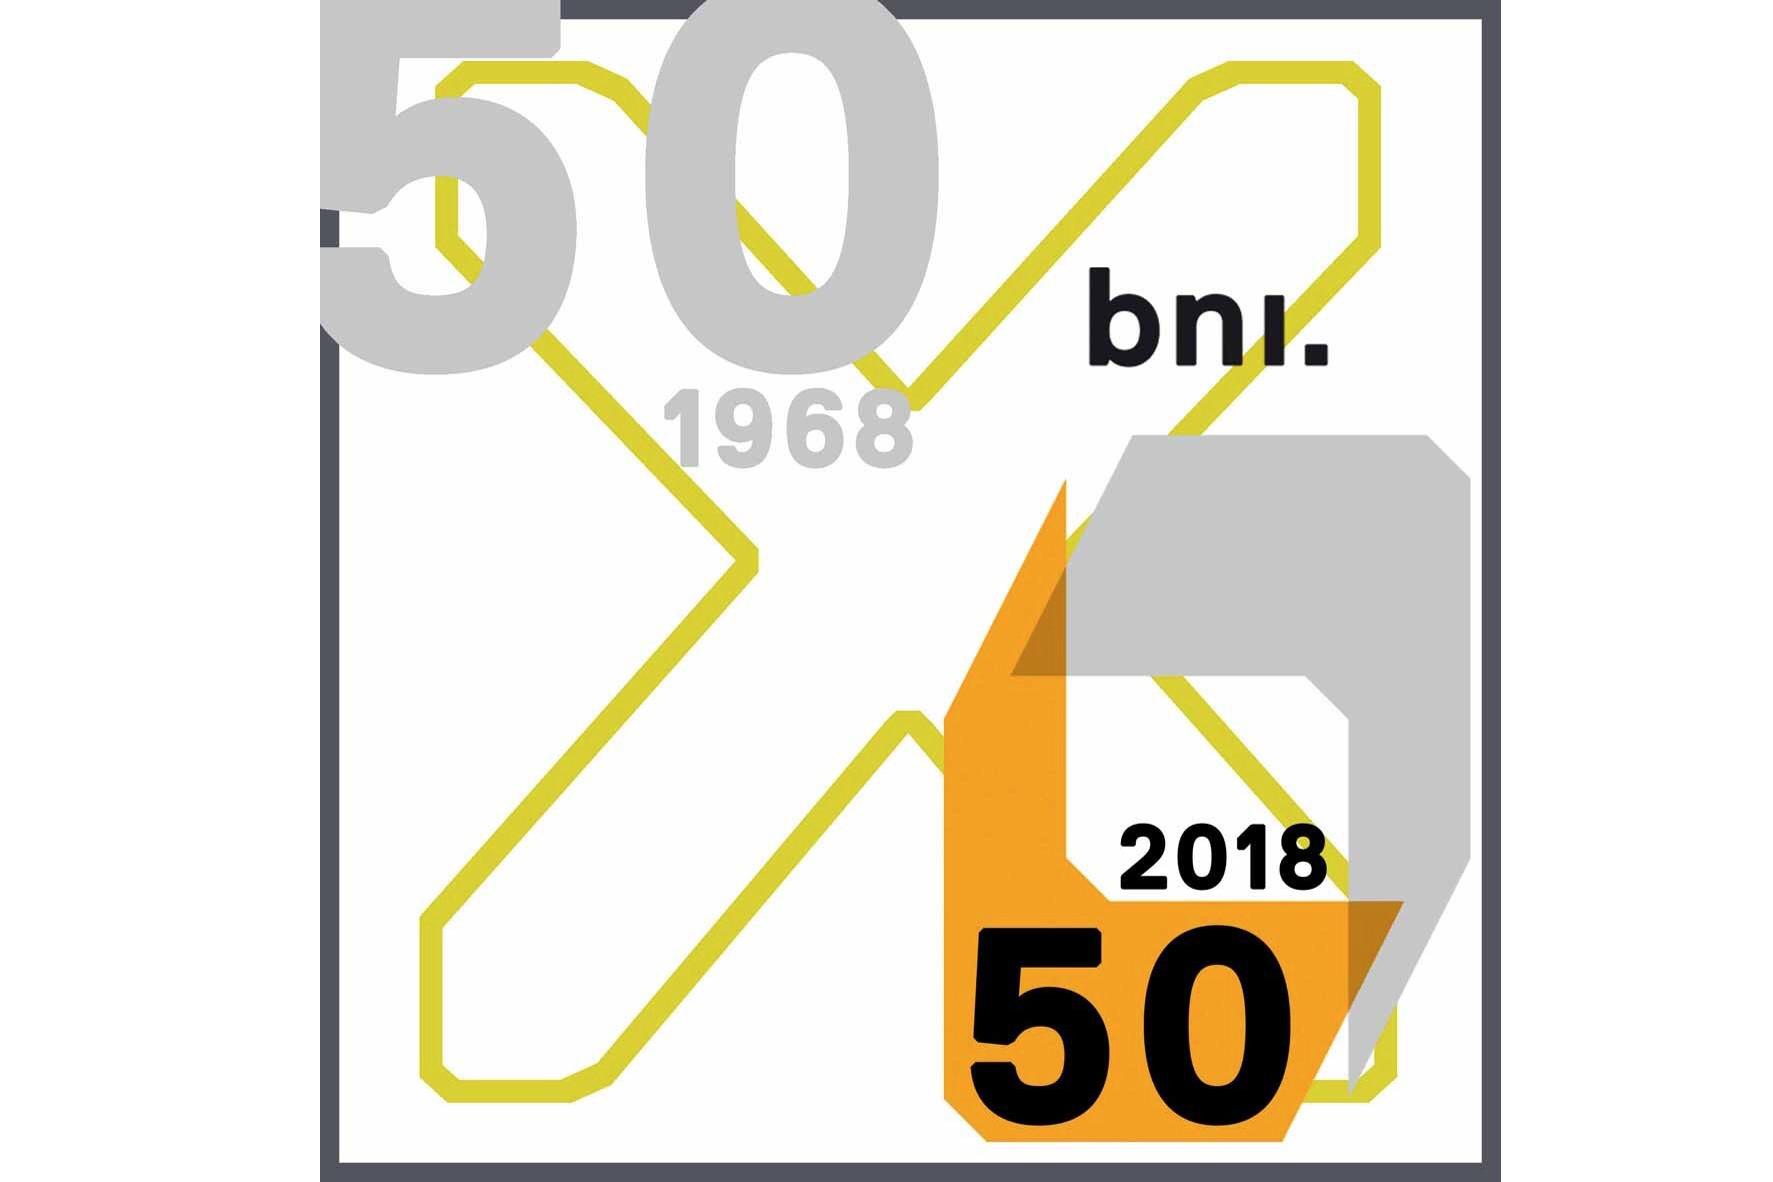 50jaarinterieurarchitectuurinnederland.jpg